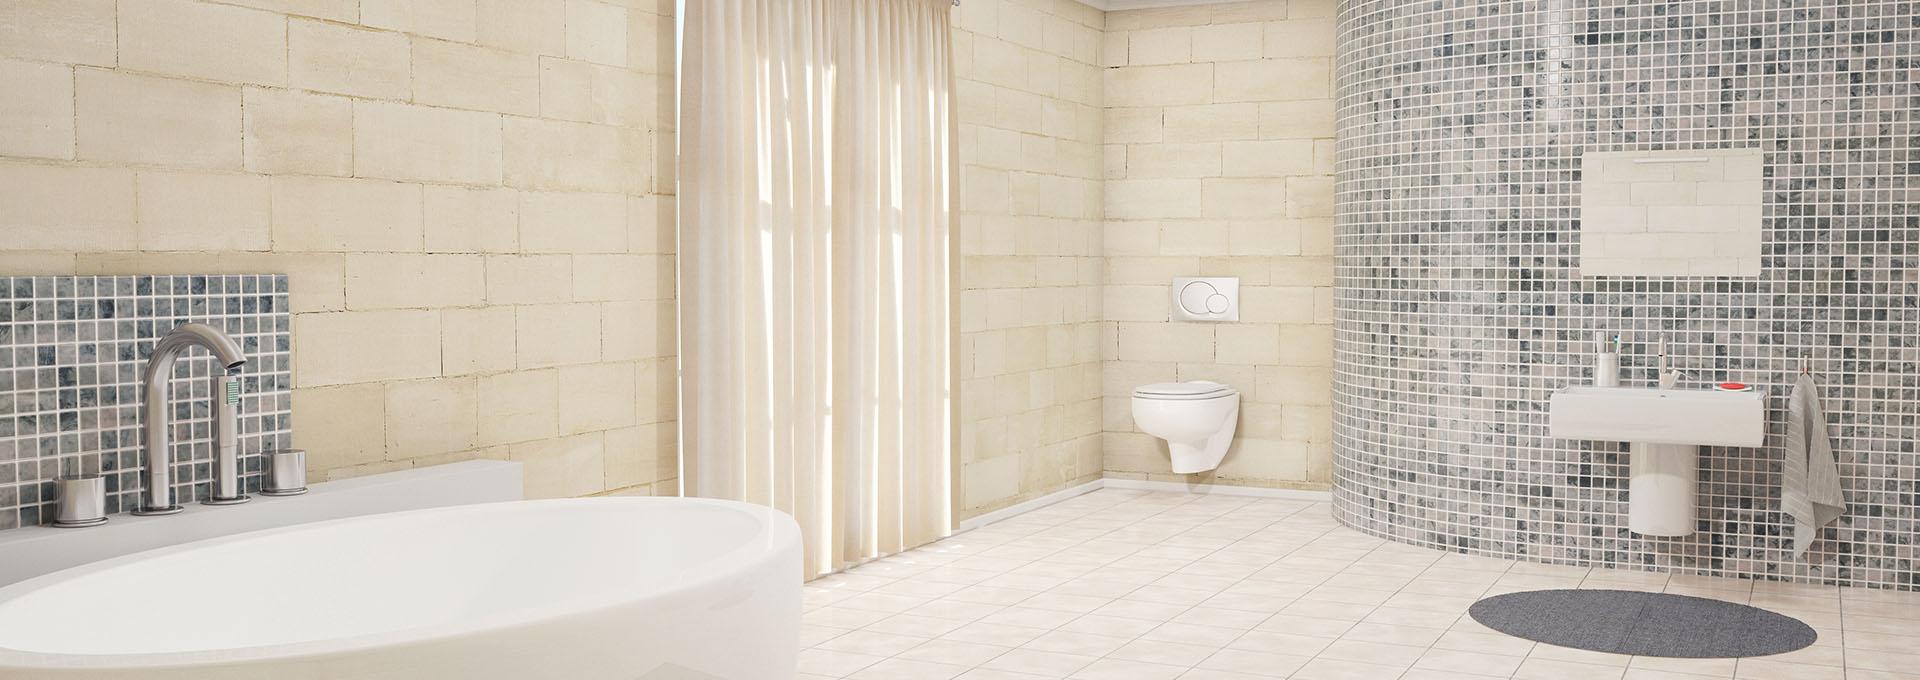 Création et rénovation de salle de bains de A à Z - Rouchy Didier